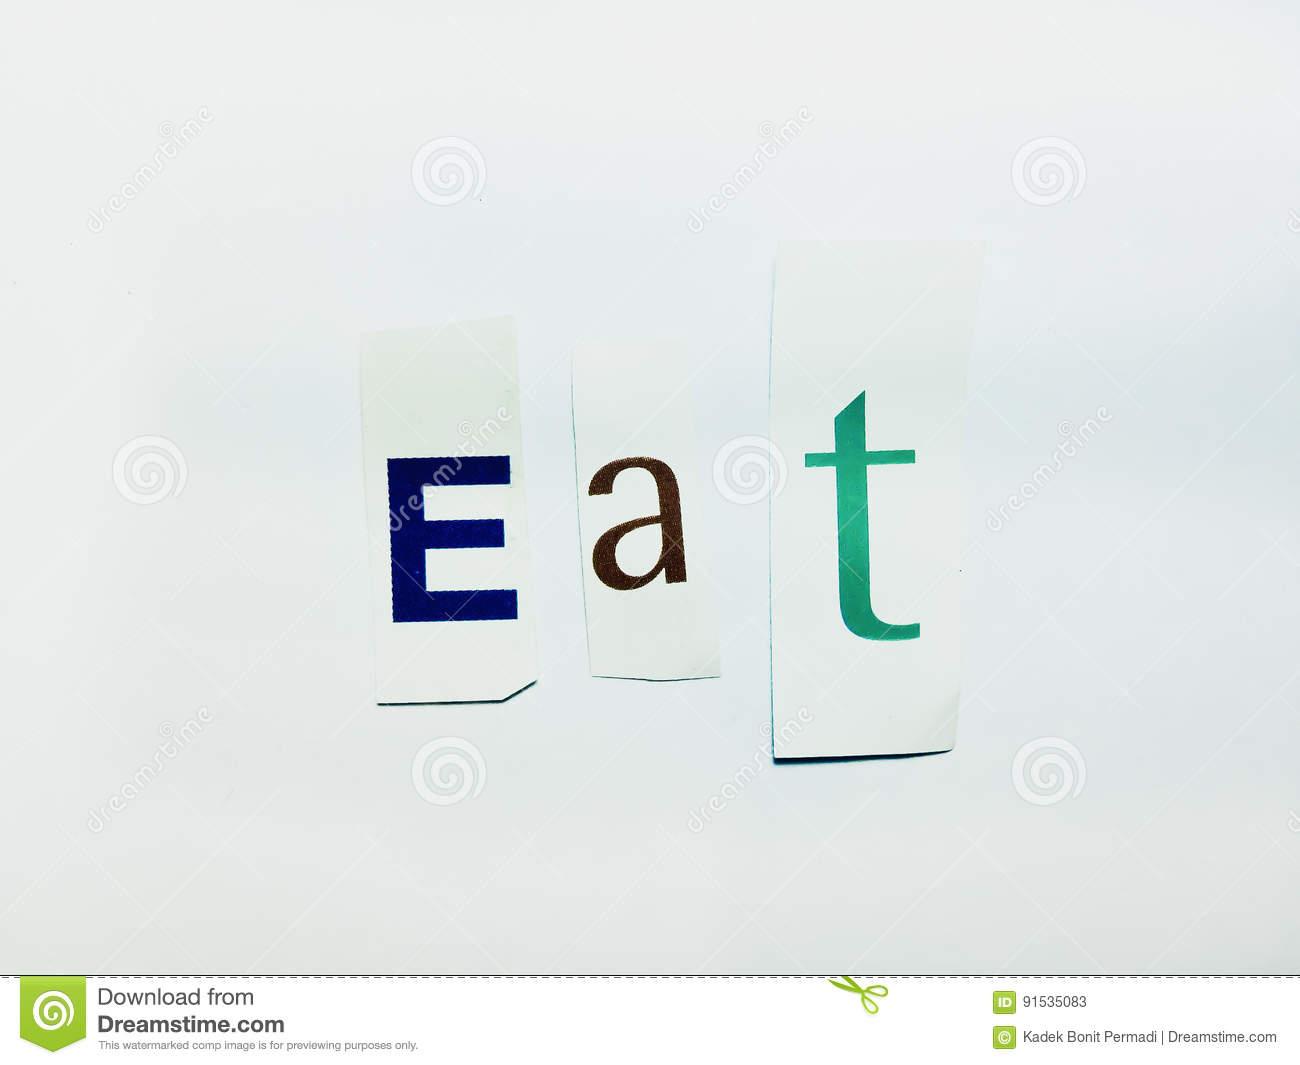 Mangez - Le Collage De Mots De Coupe-Circuit Des Lettres à Mot Avec Lettres Mélangées